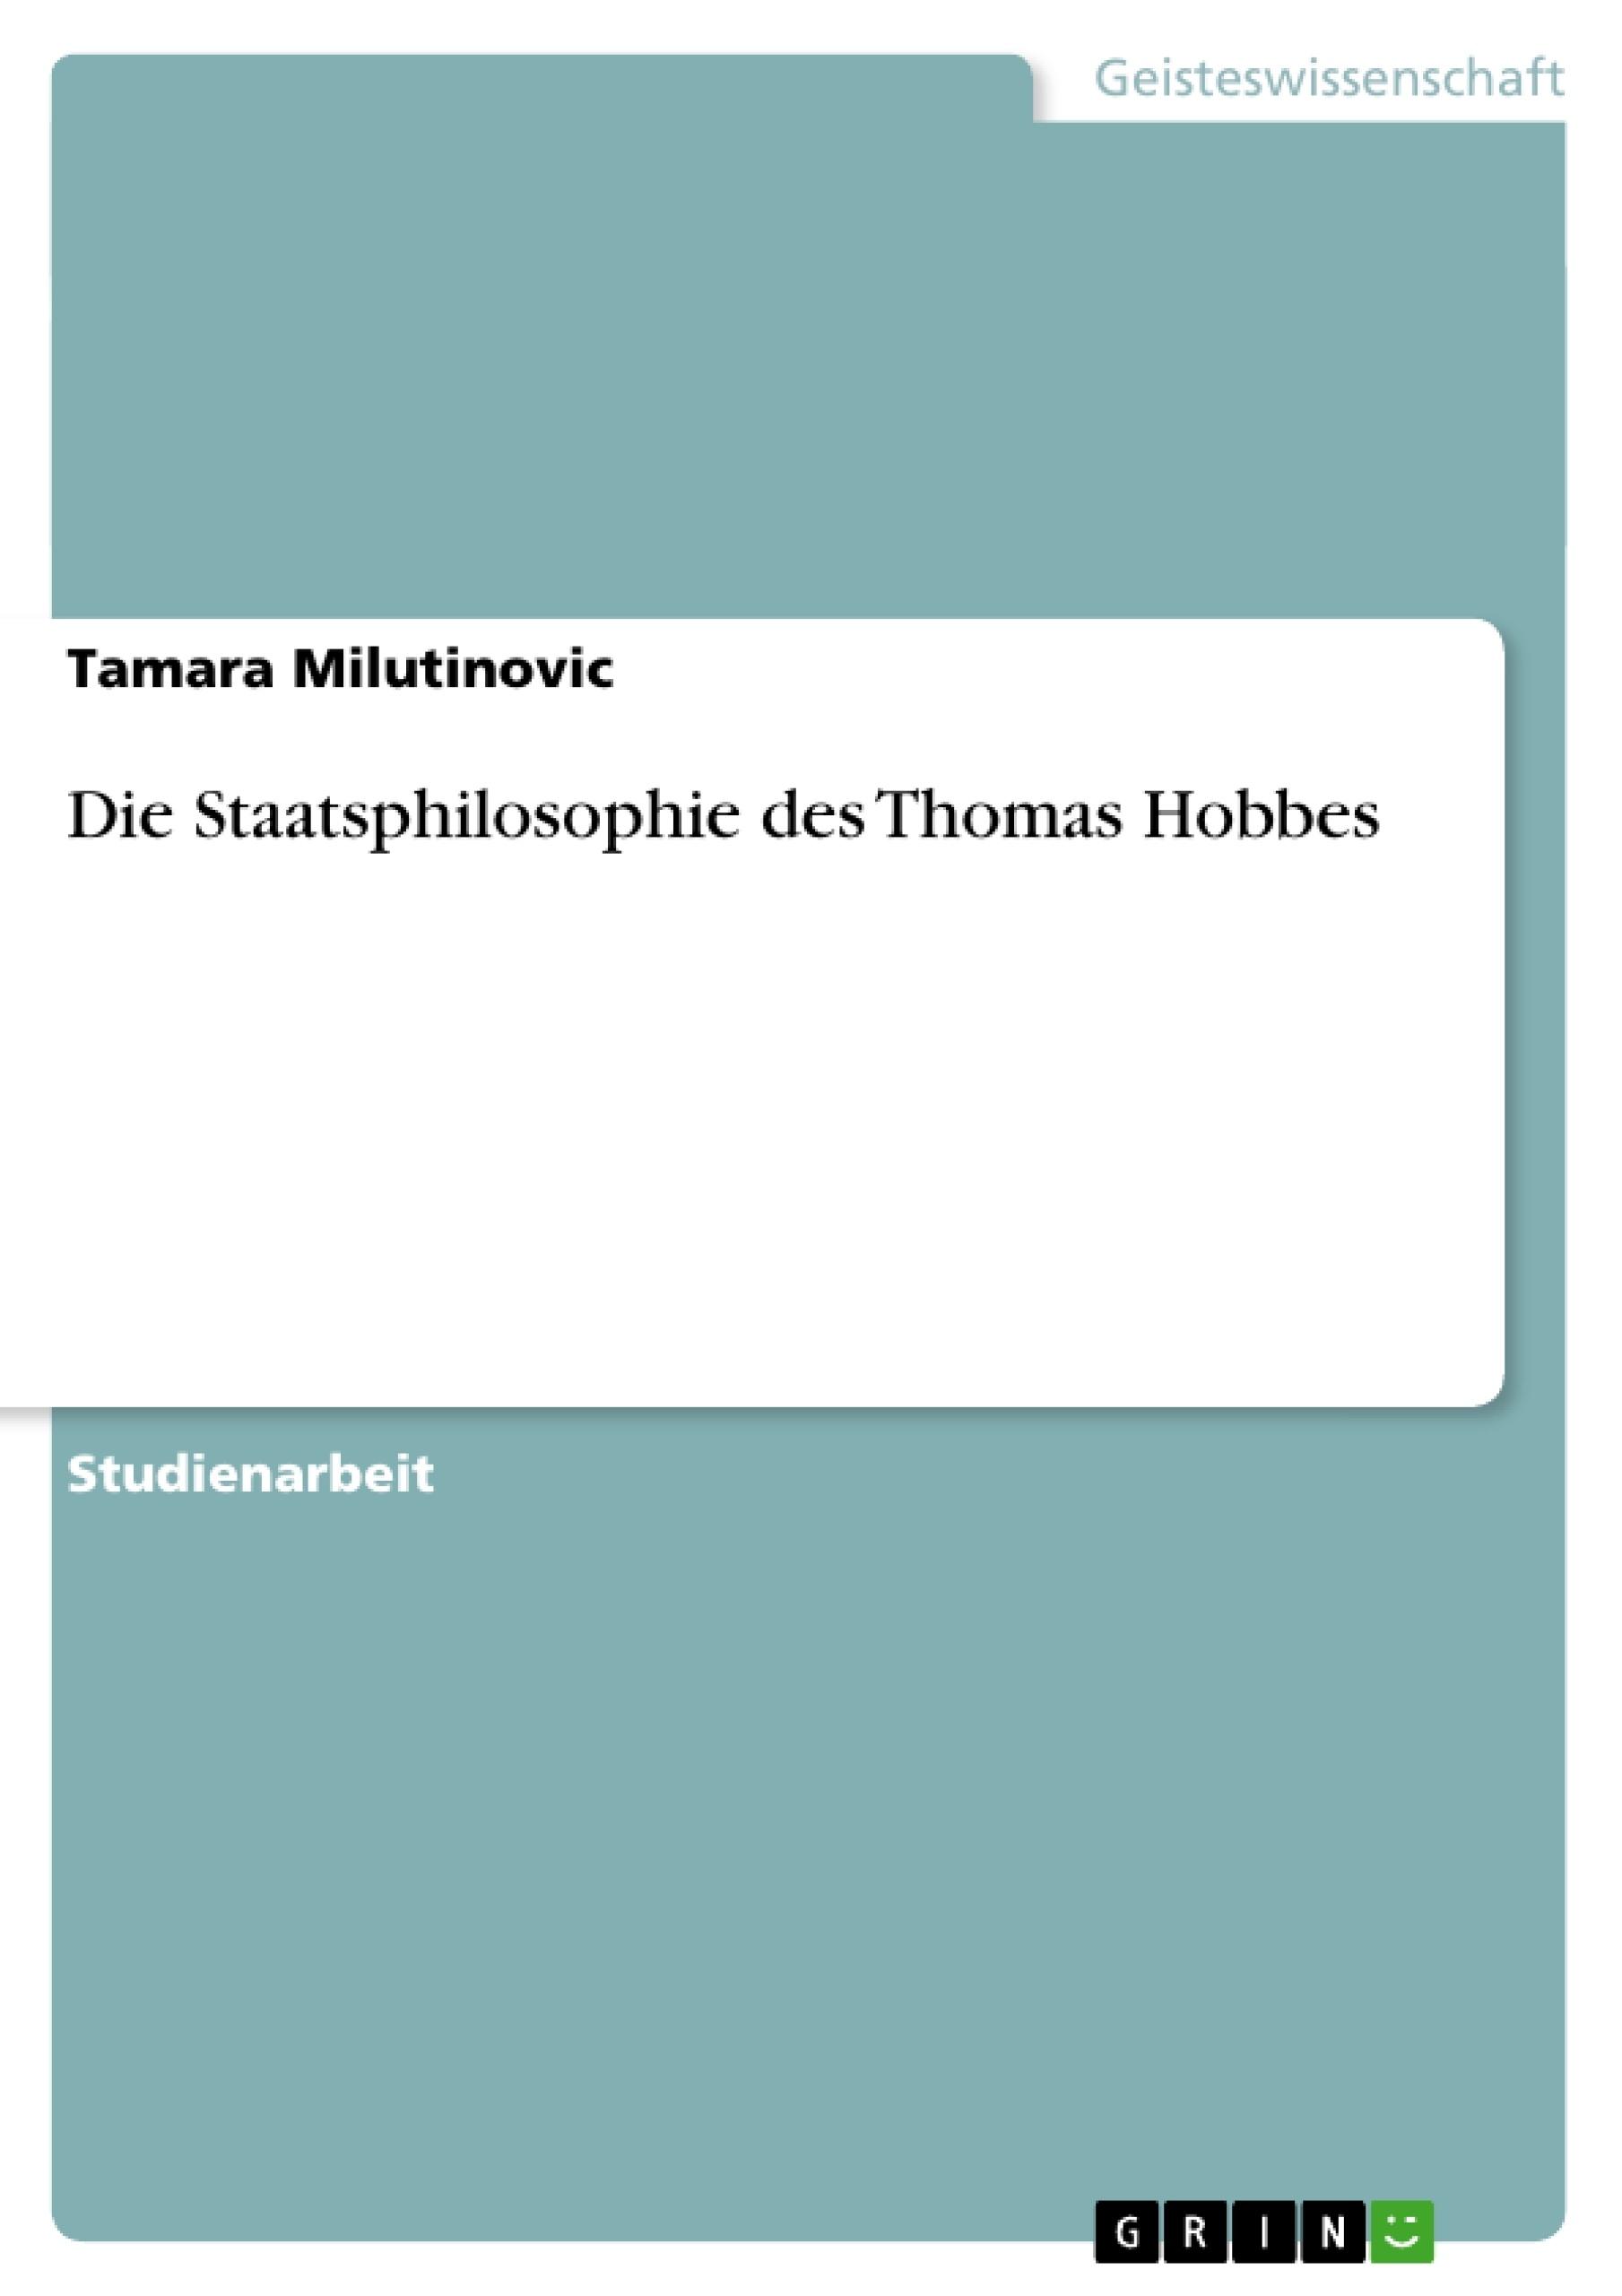 Titel: Die Staatsphilosophie des Thomas Hobbes